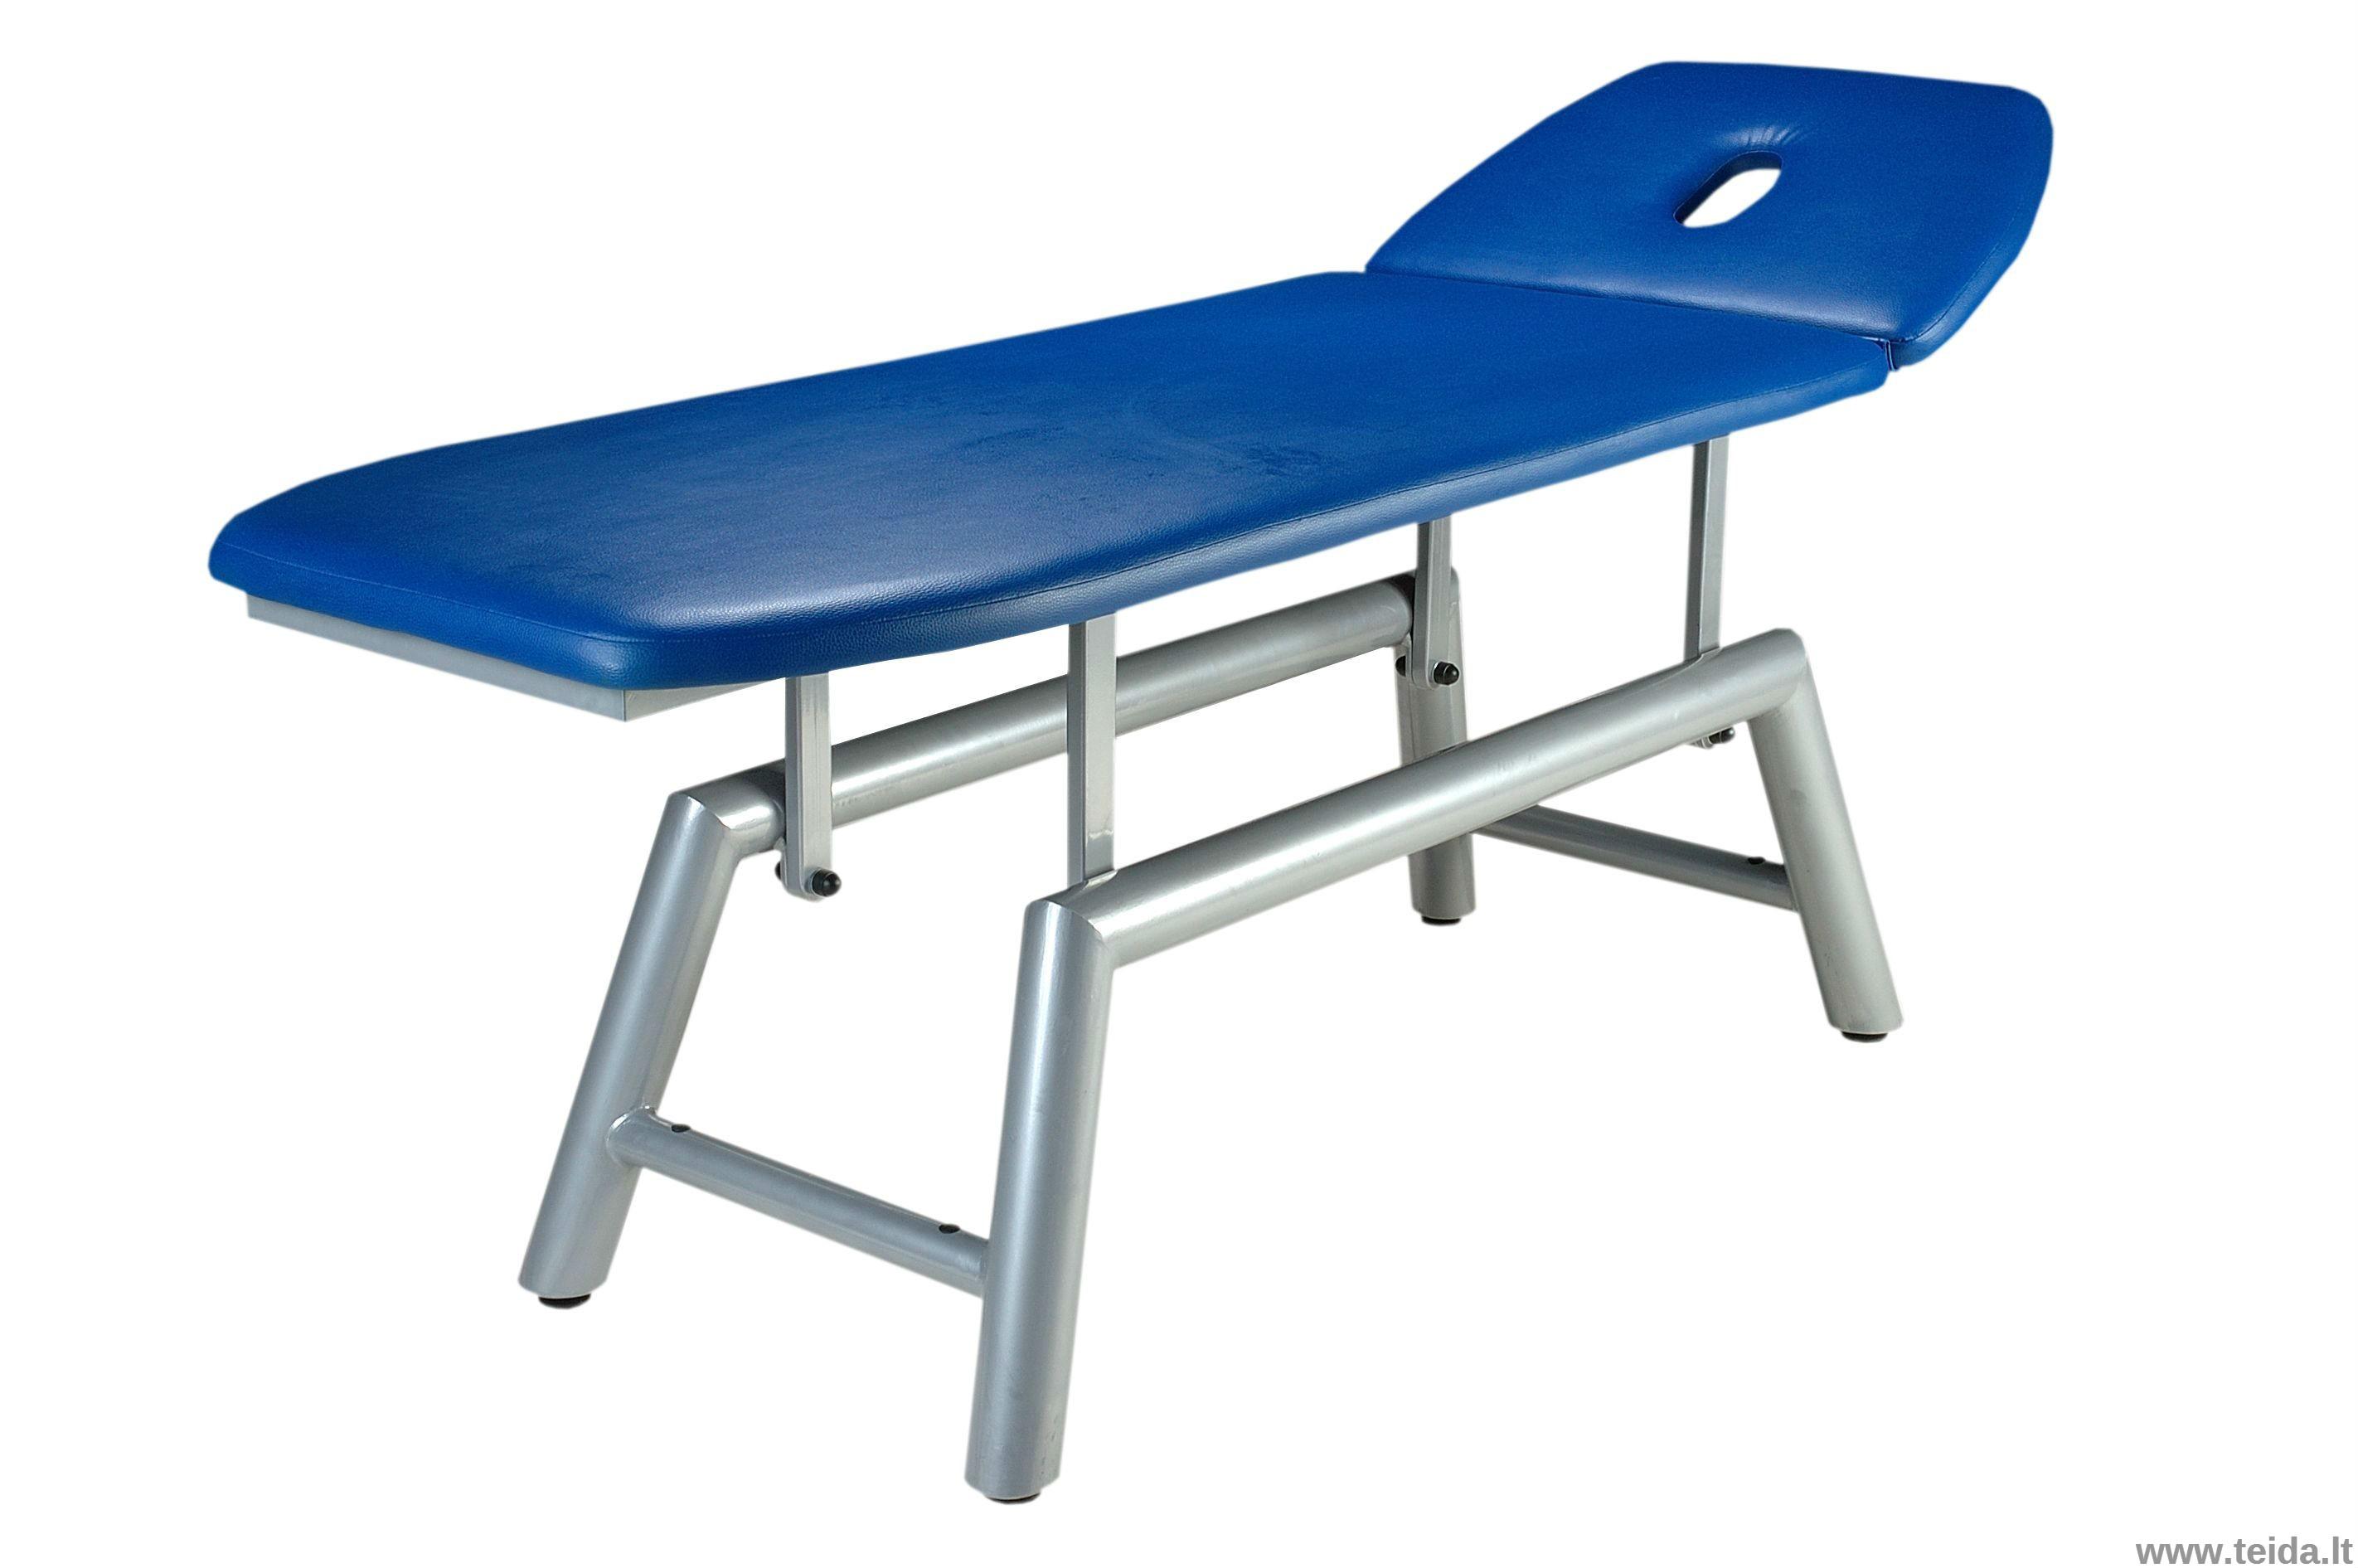 Metalinis 2-jų dalių masažo (terapinis) stalas Agat II